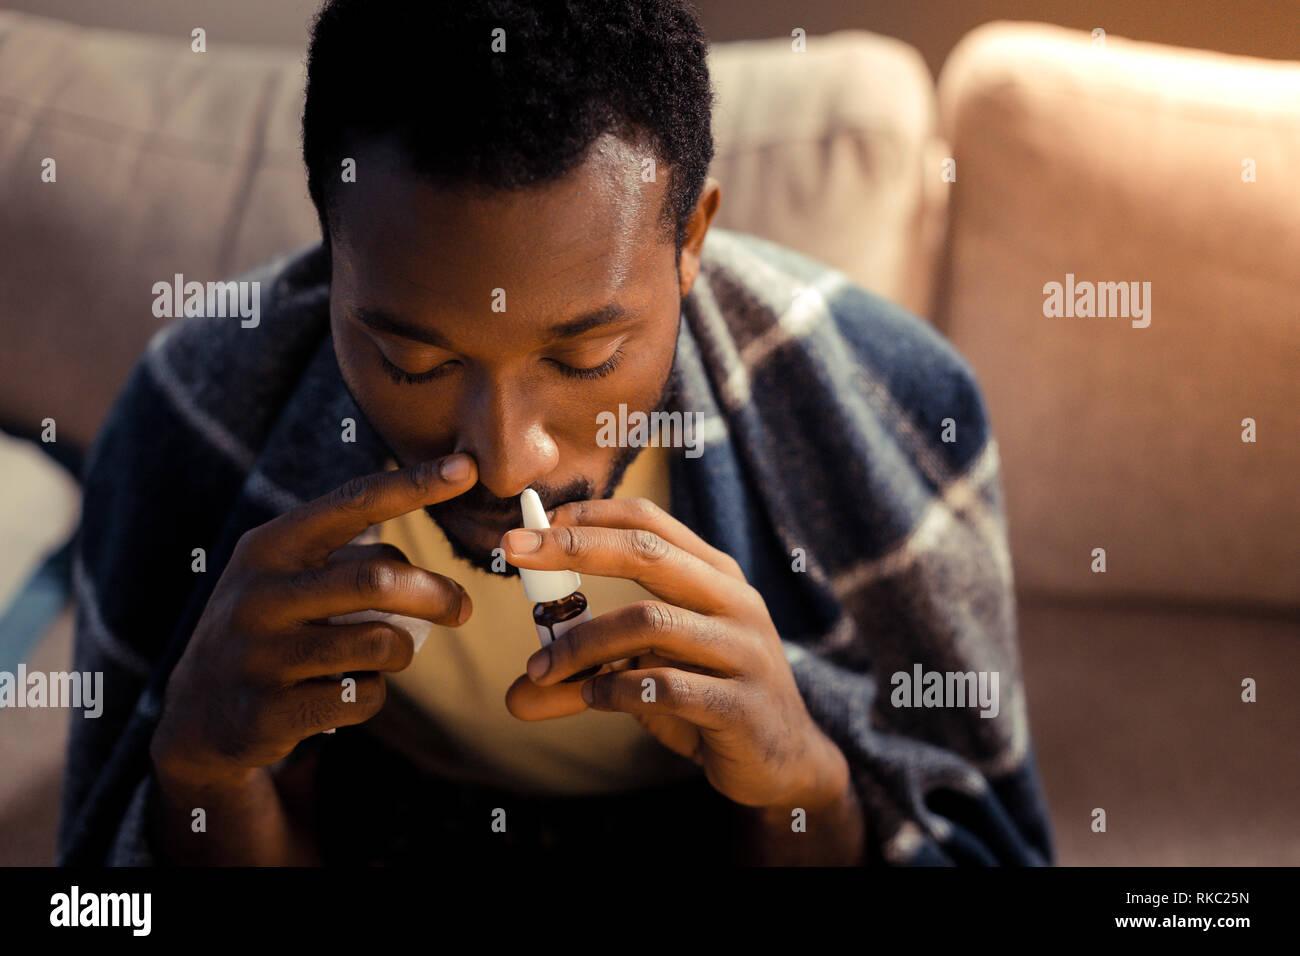 Afro-americano di uomo con spray nasale pur avendo acceso naso Foto Stock